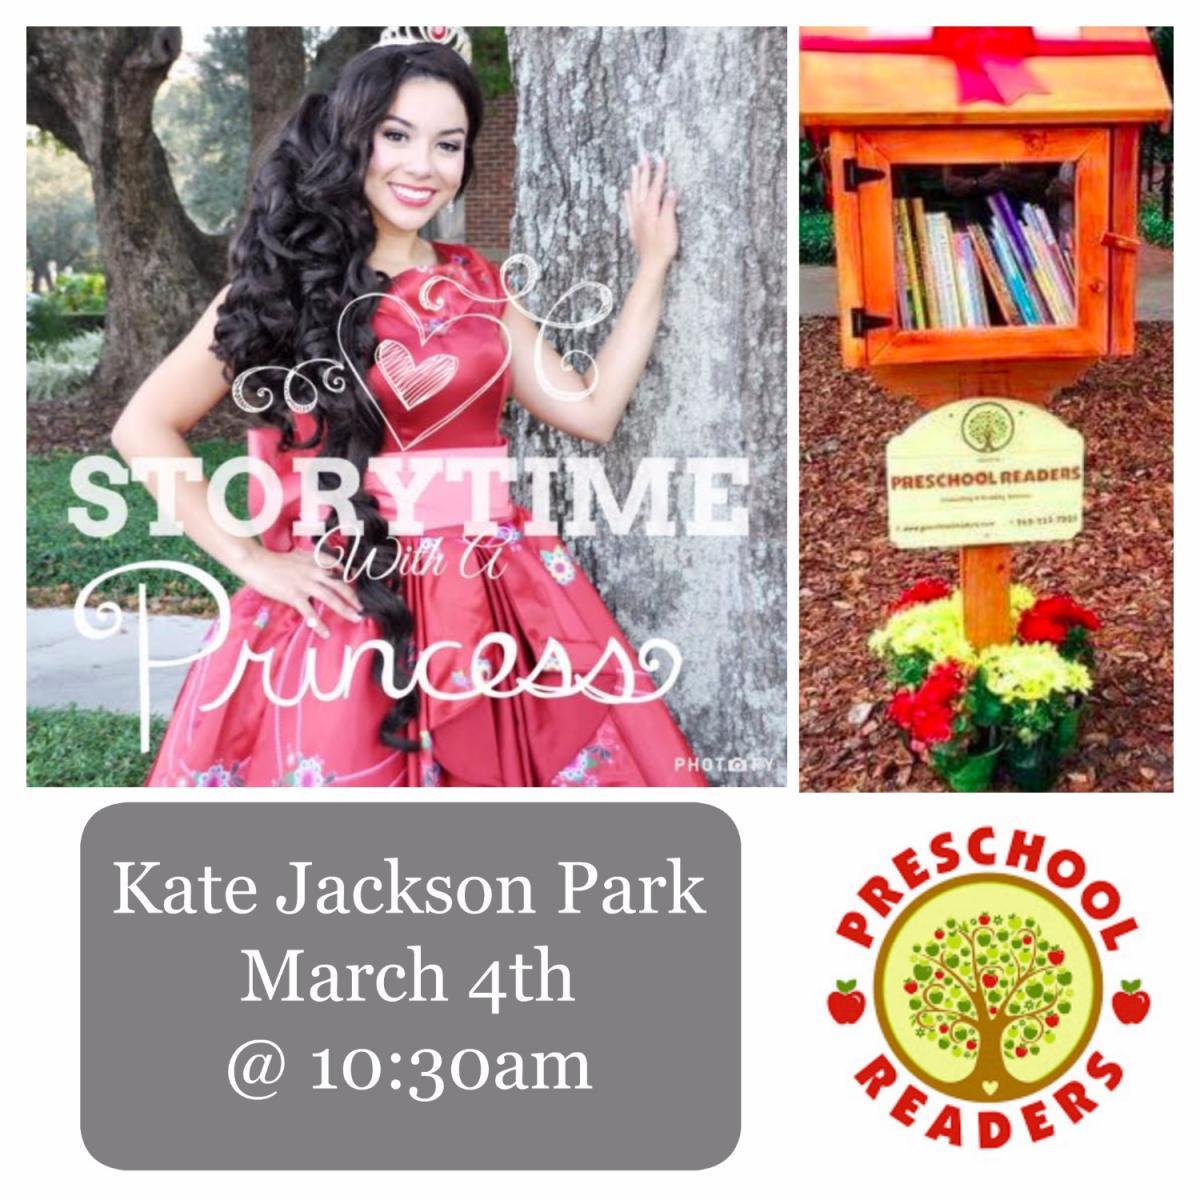 Preschool Readers Presents Storytime In The Park